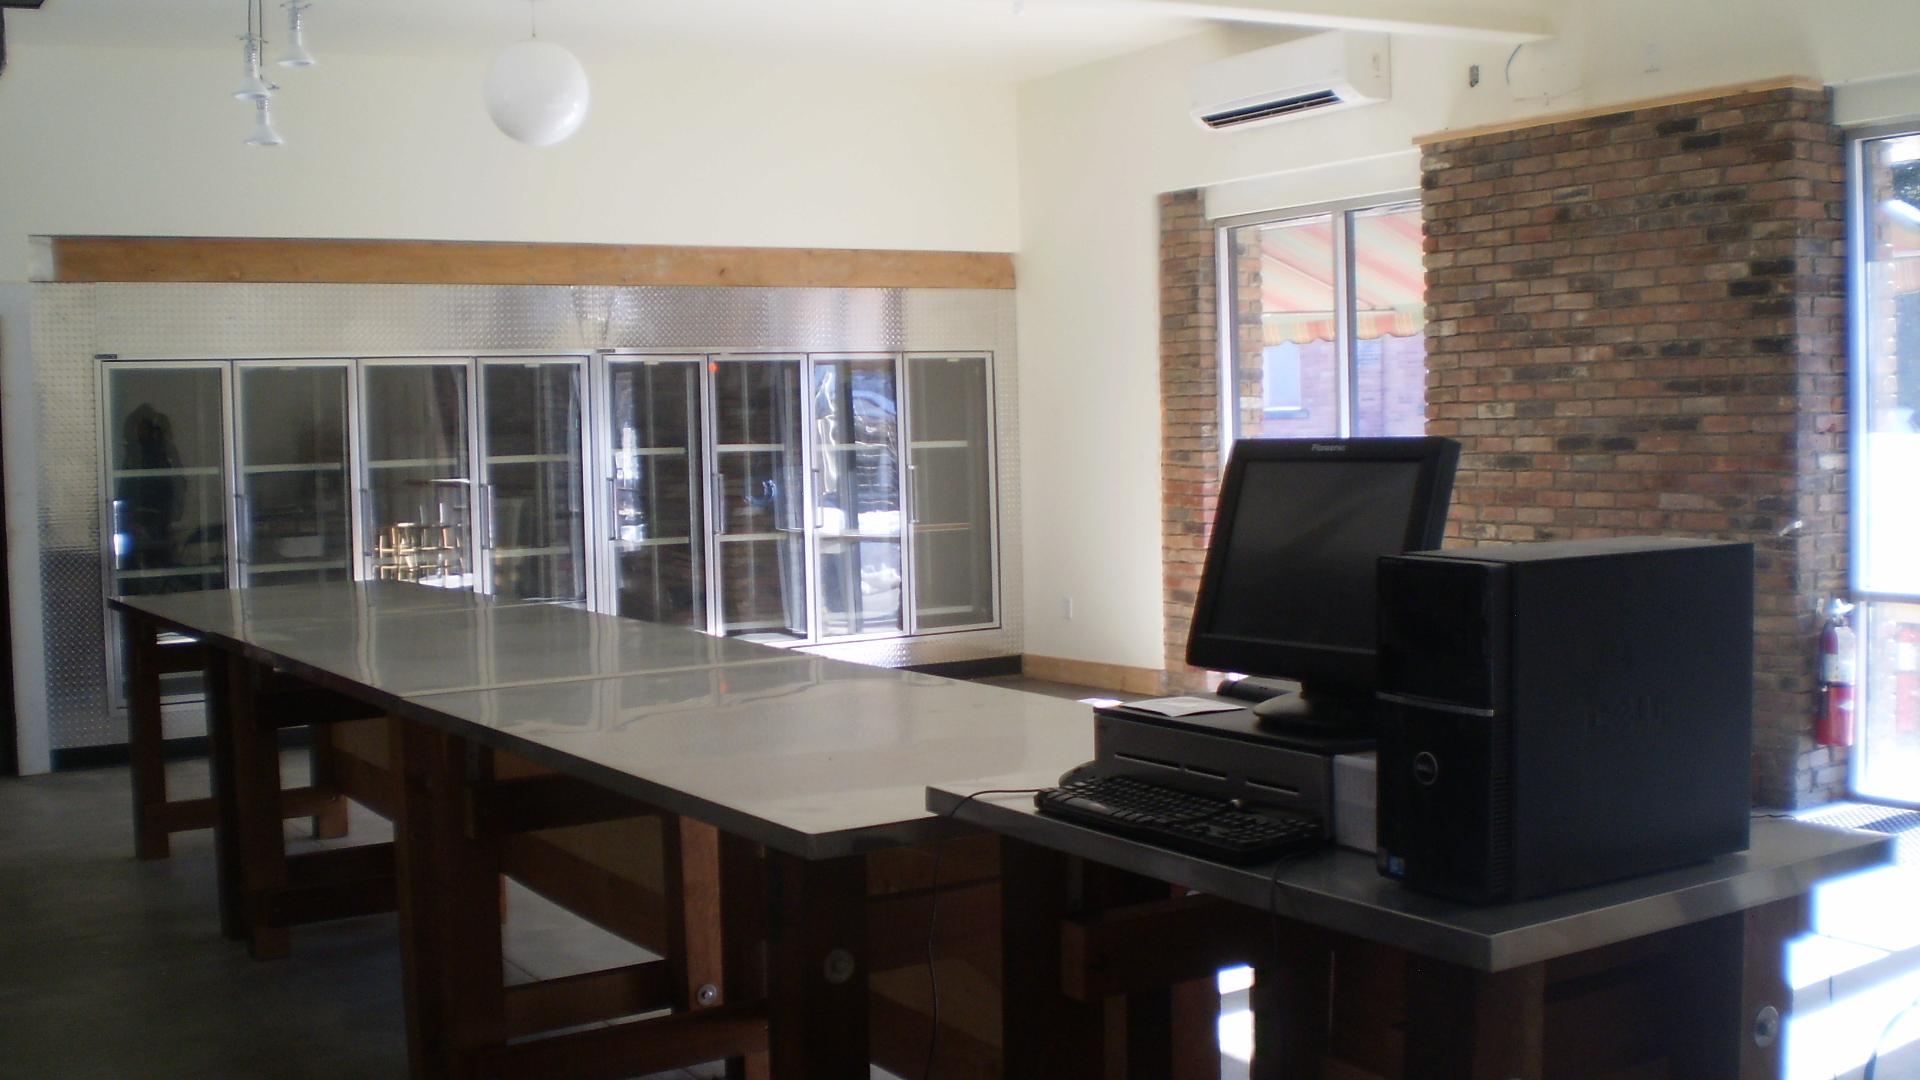 kitchen - tables & cooler.JPG